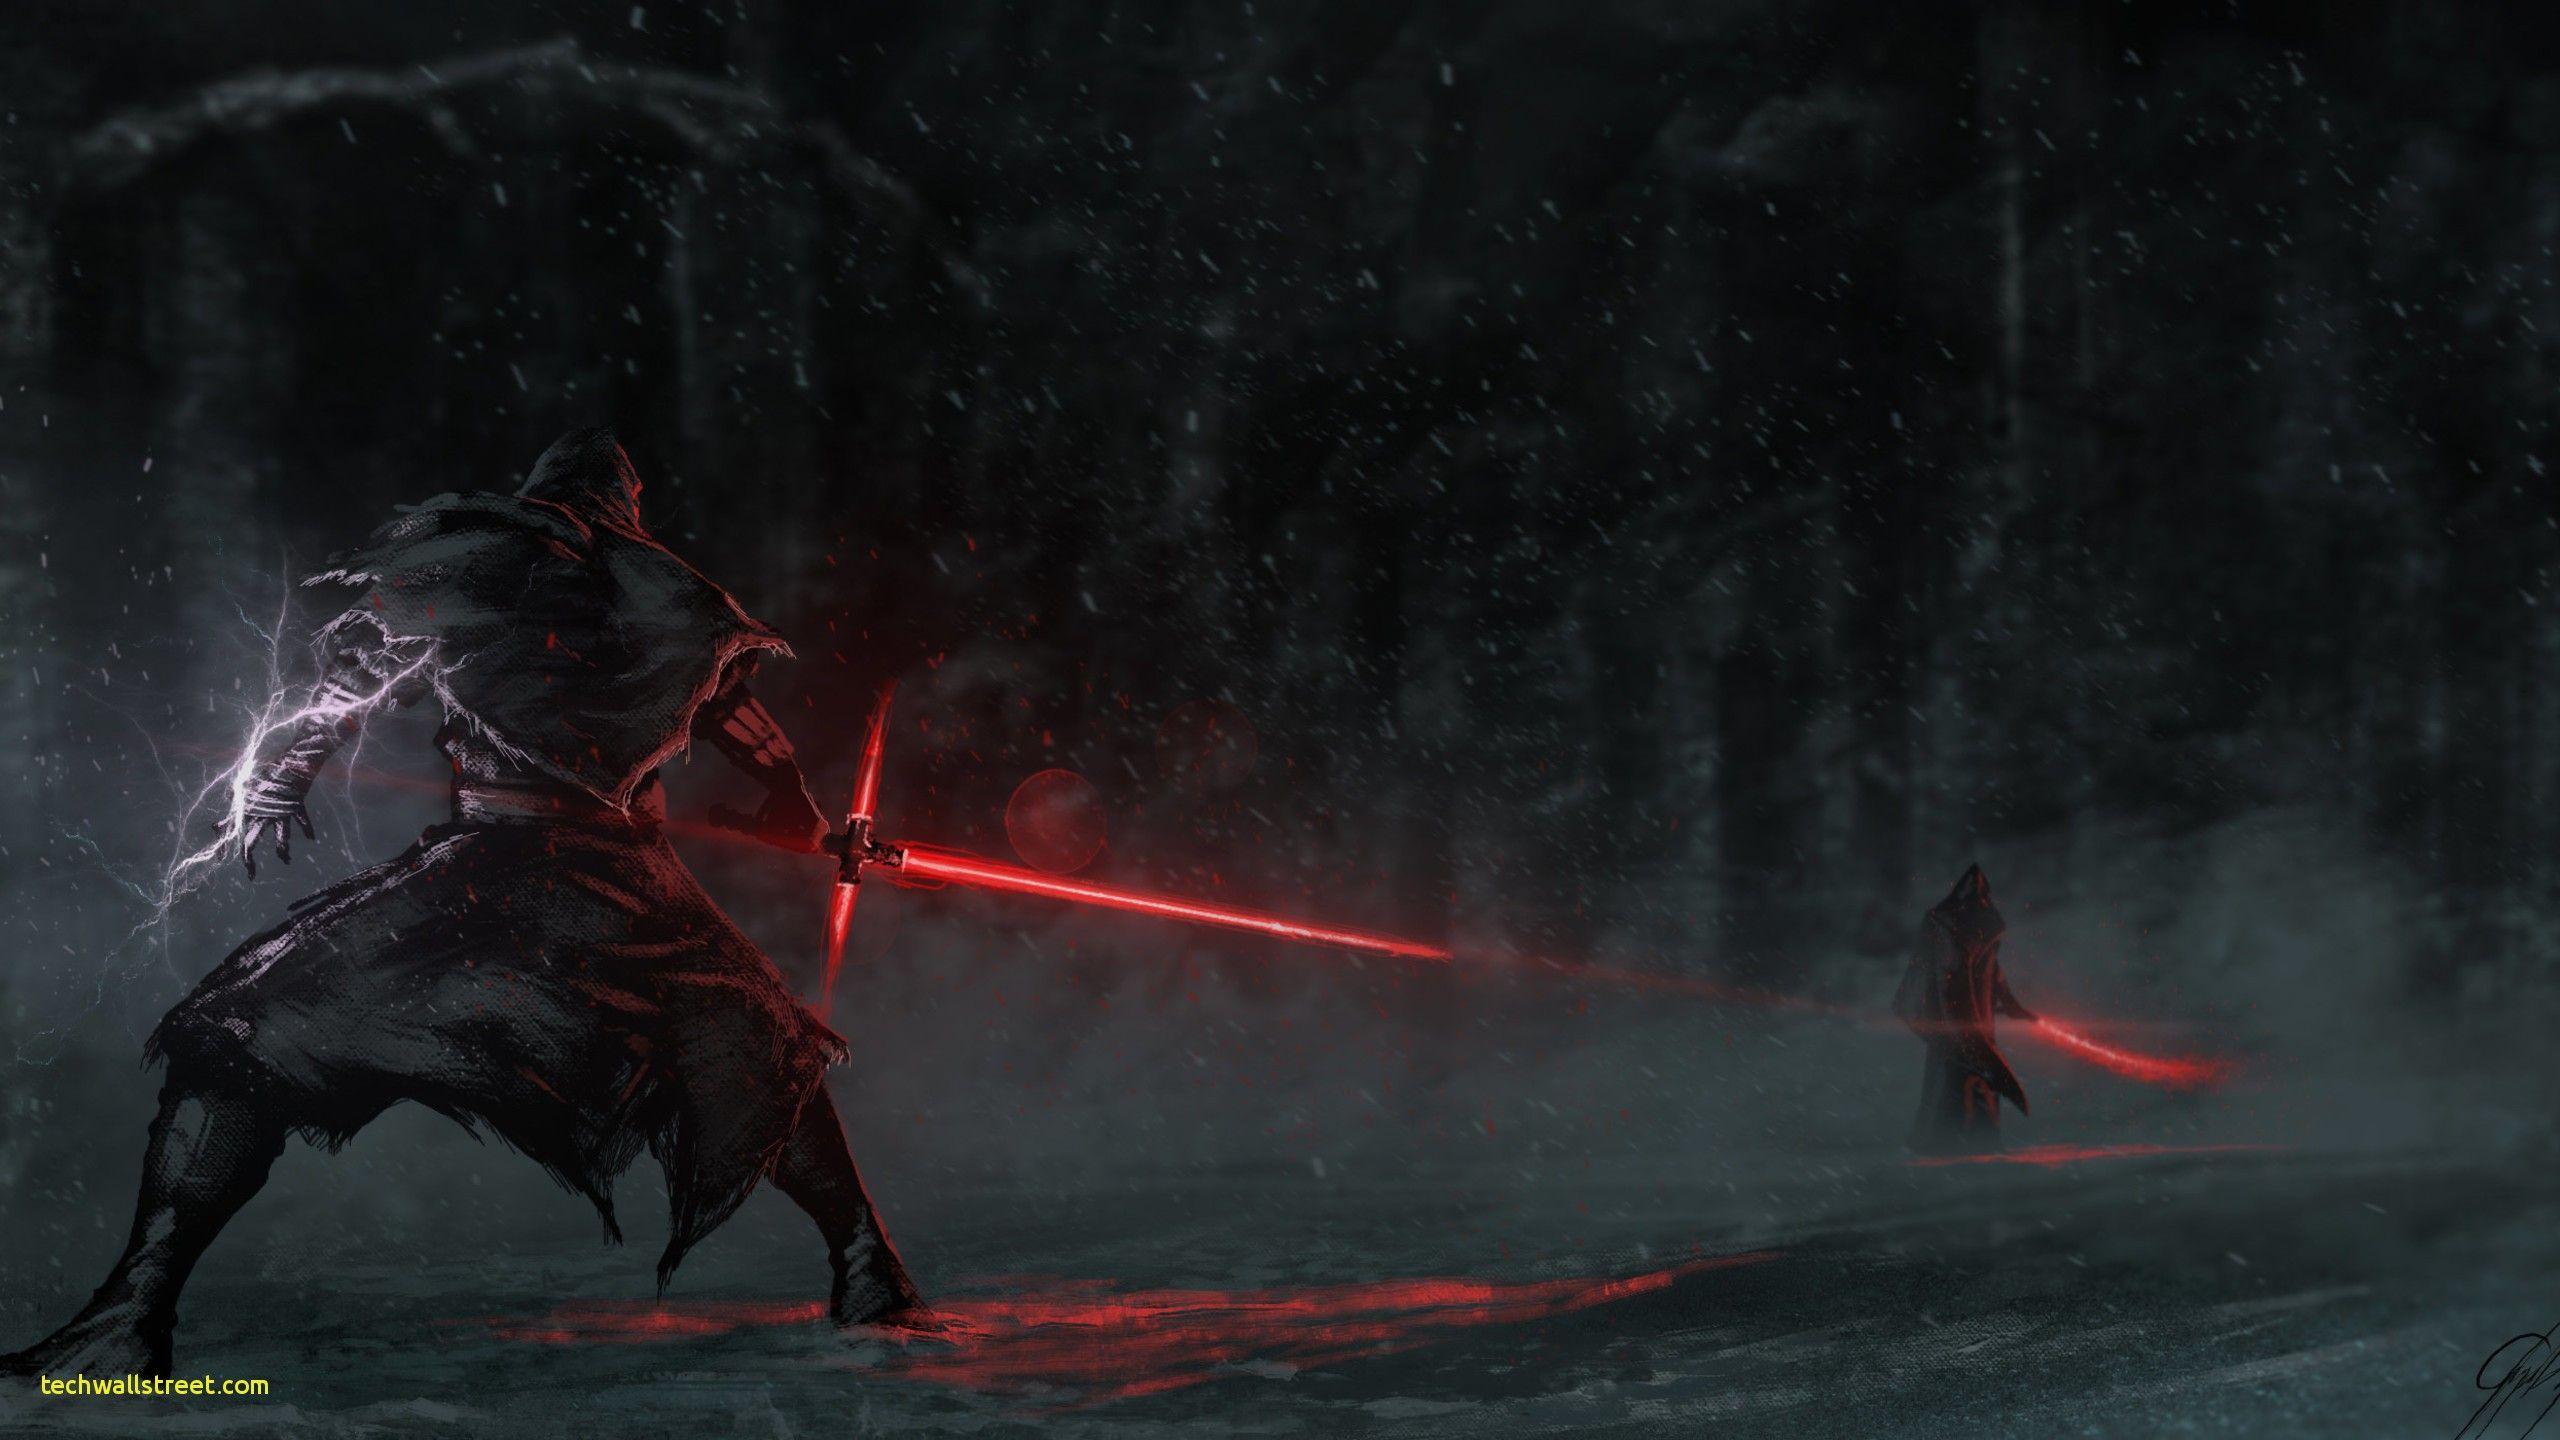 Lovely Star Wars Desktop Background Star Wars Darth Vader Chewbacca